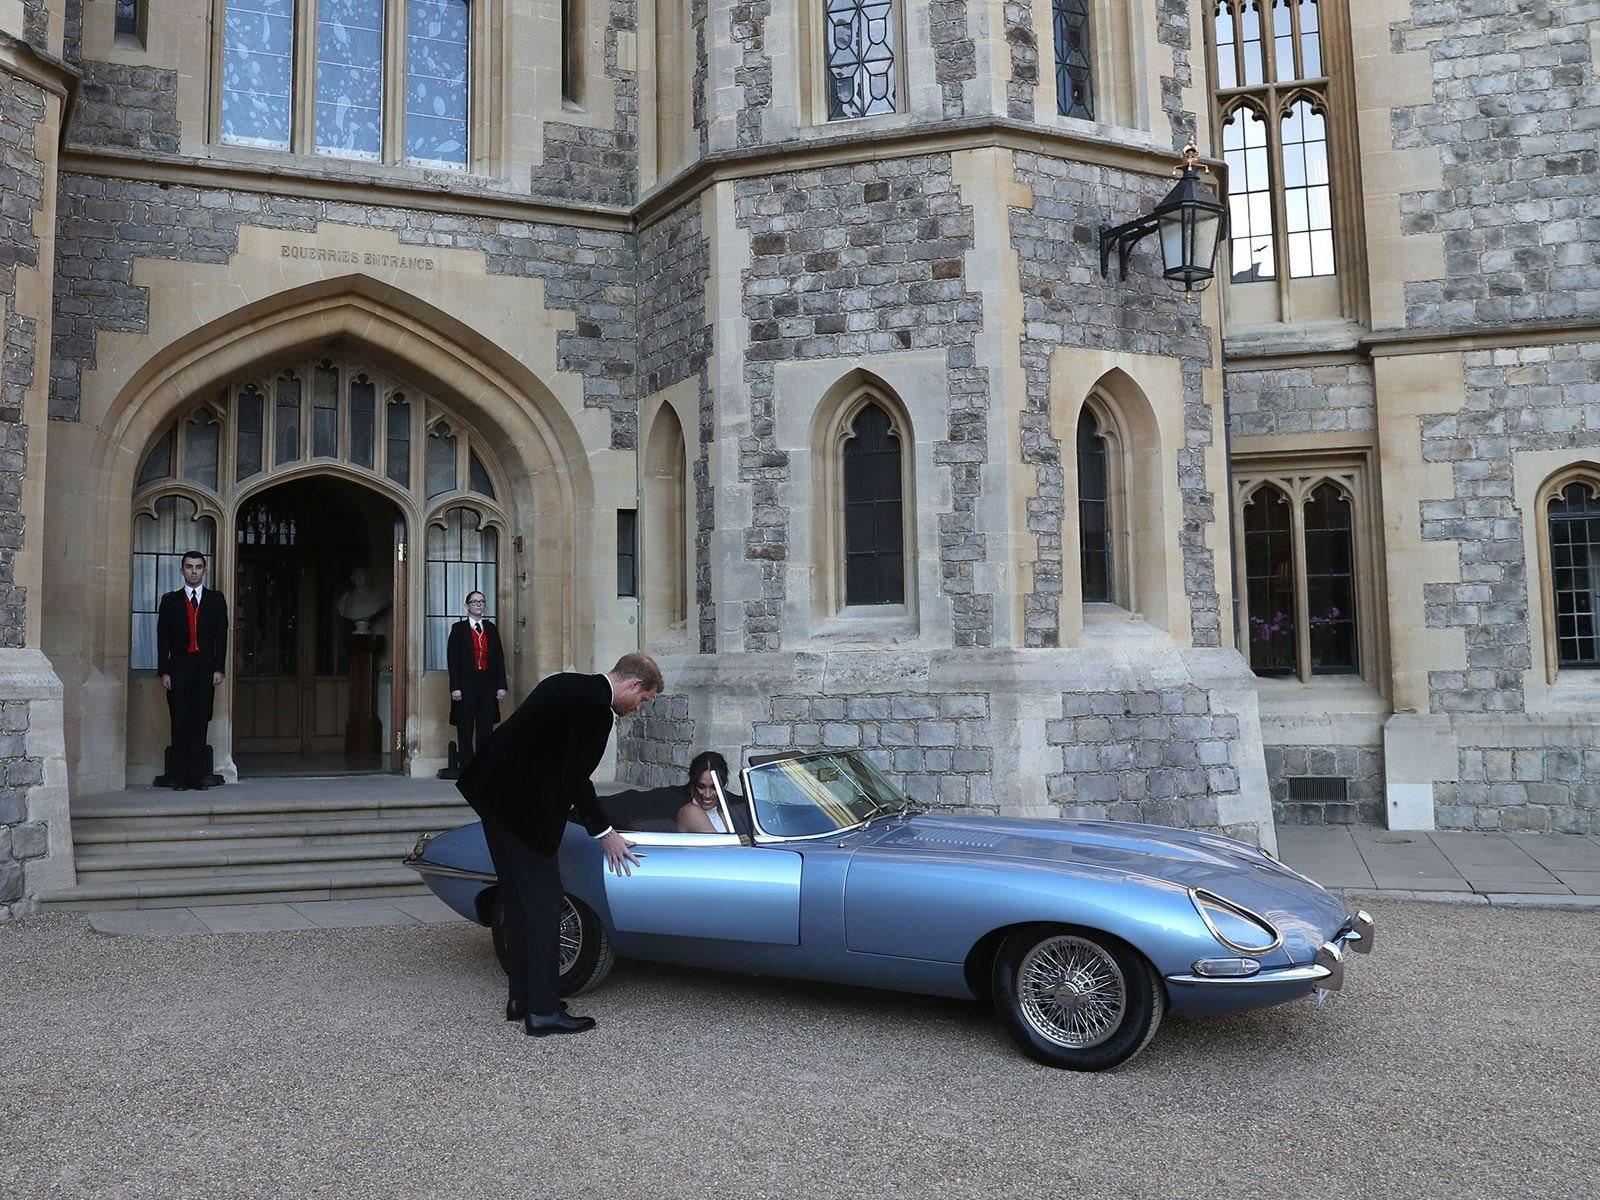 Также здесь появился оригинальный 1950 Rolls-Royce Phantom IV королевы.